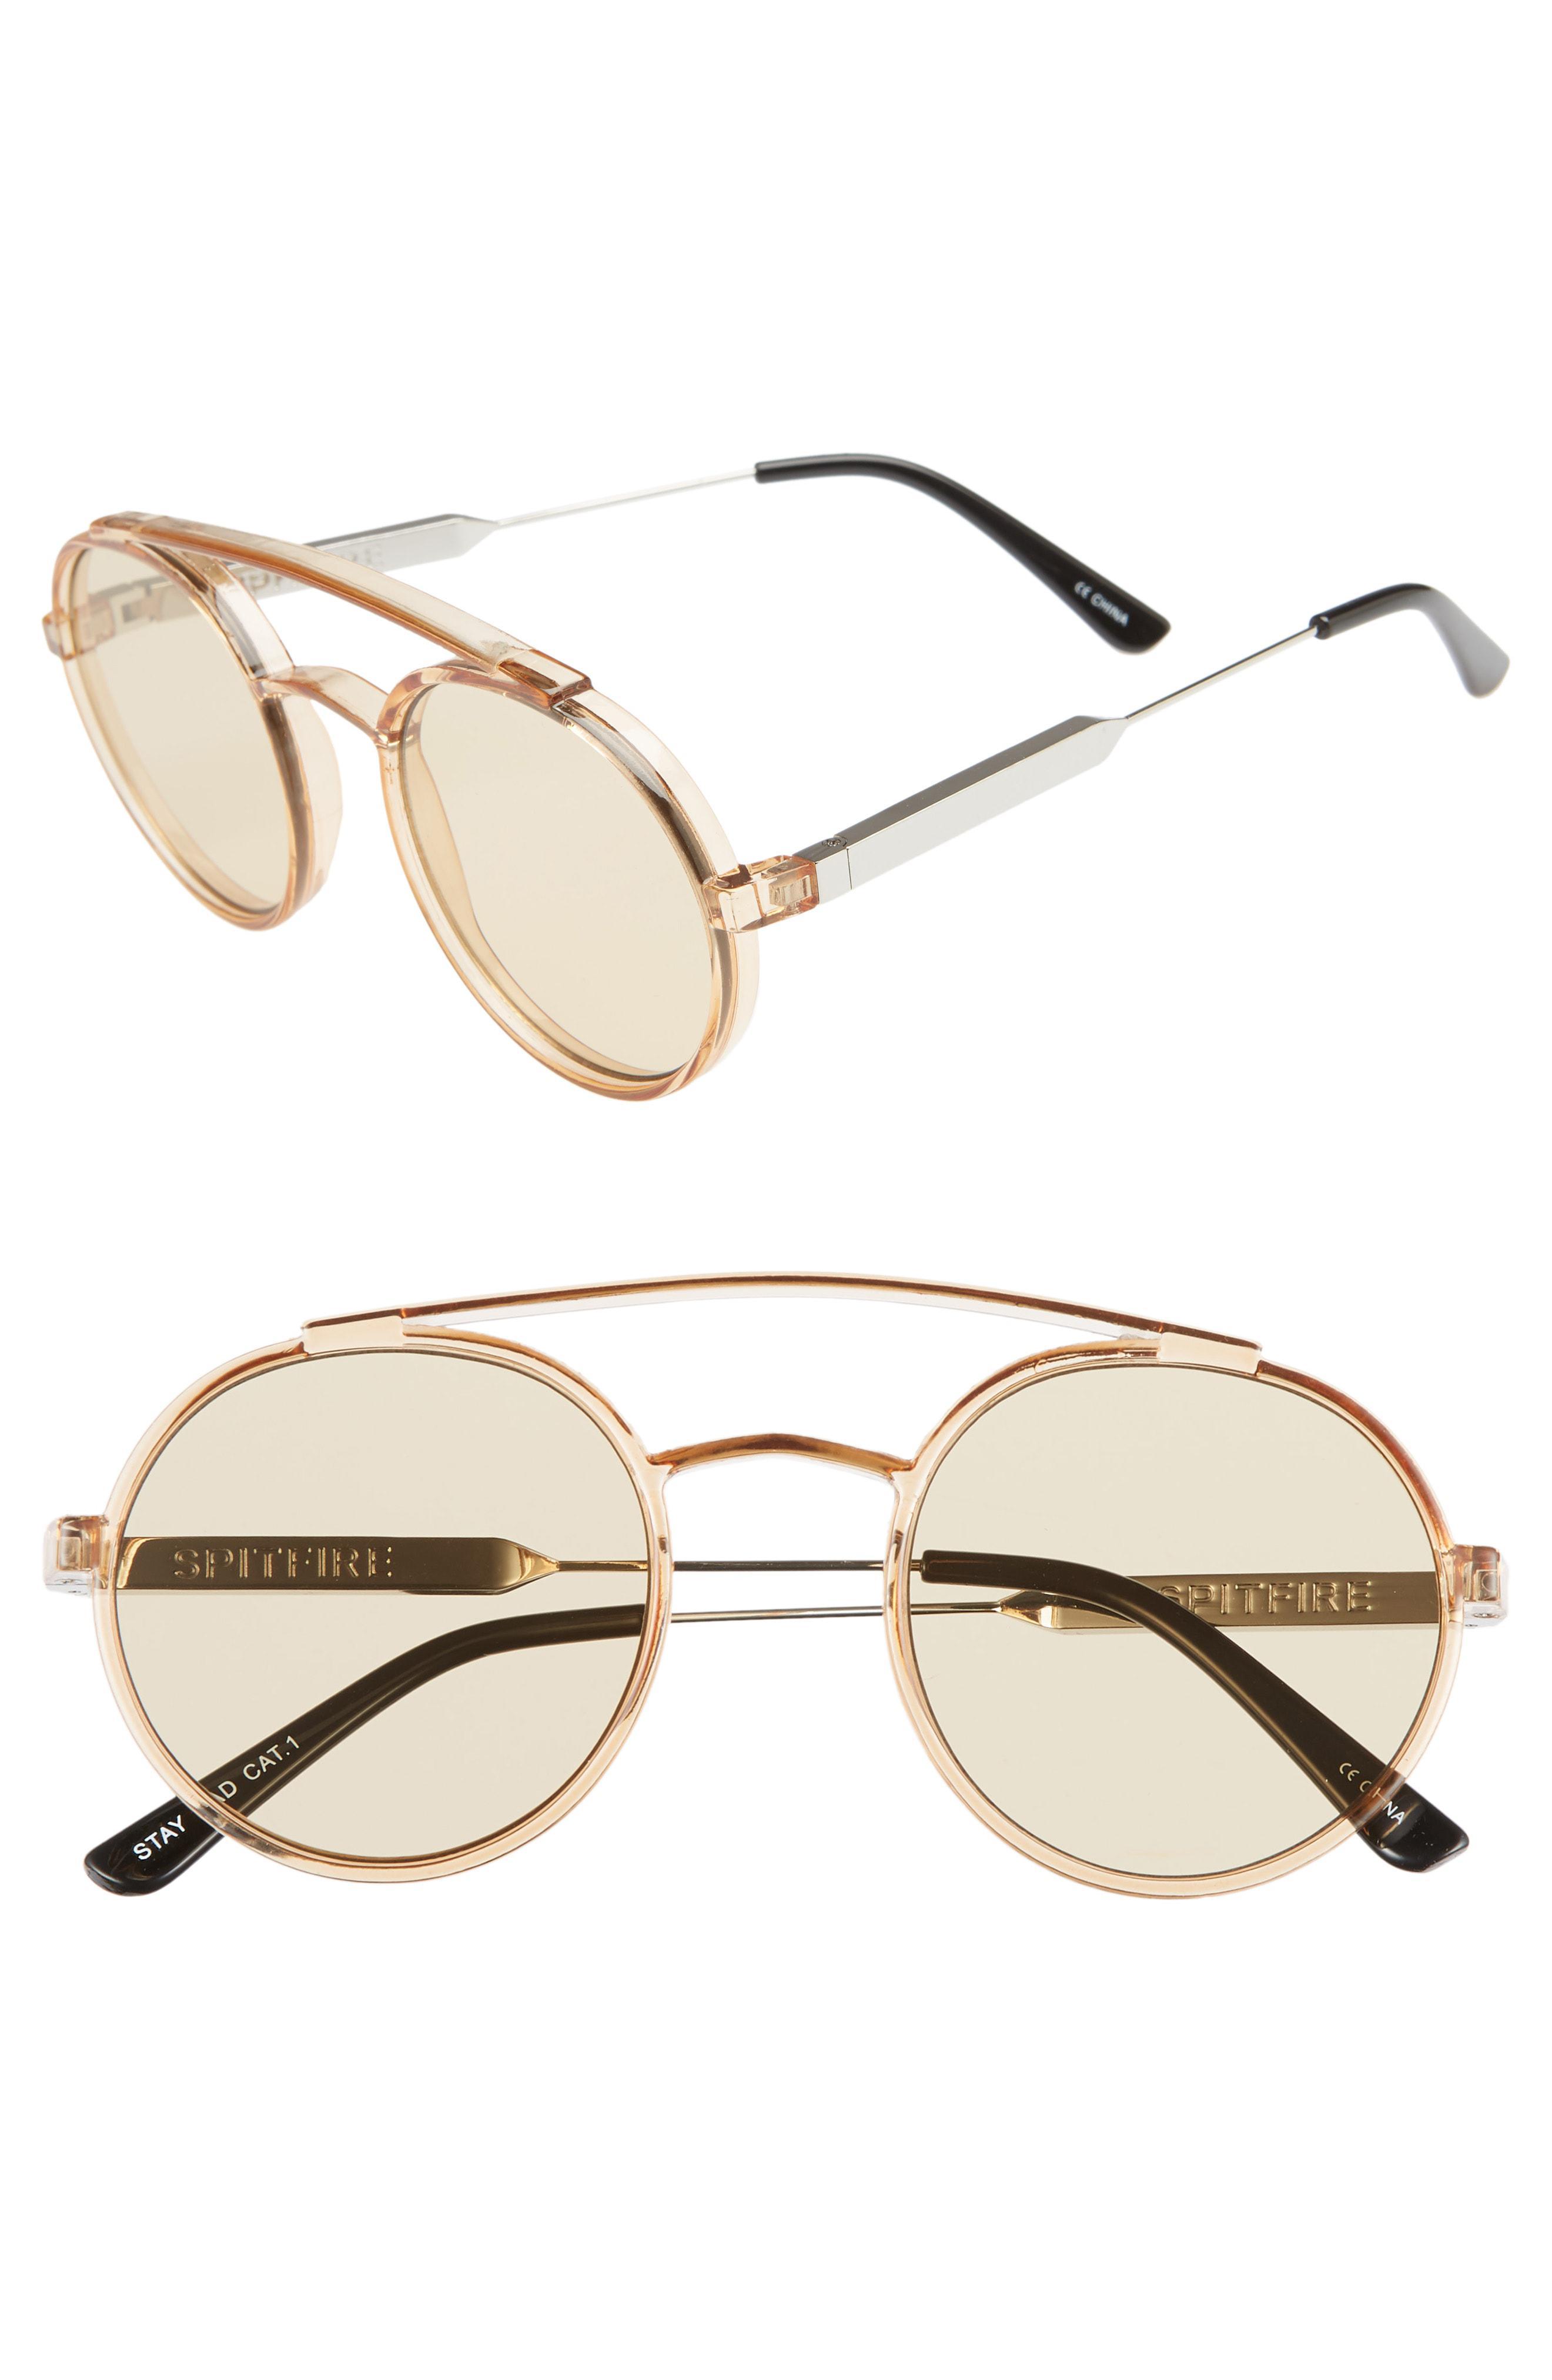 b1e390e443 Lyst - Spitfire Stay Rad 53mm Round Sunglasses - in Metallic